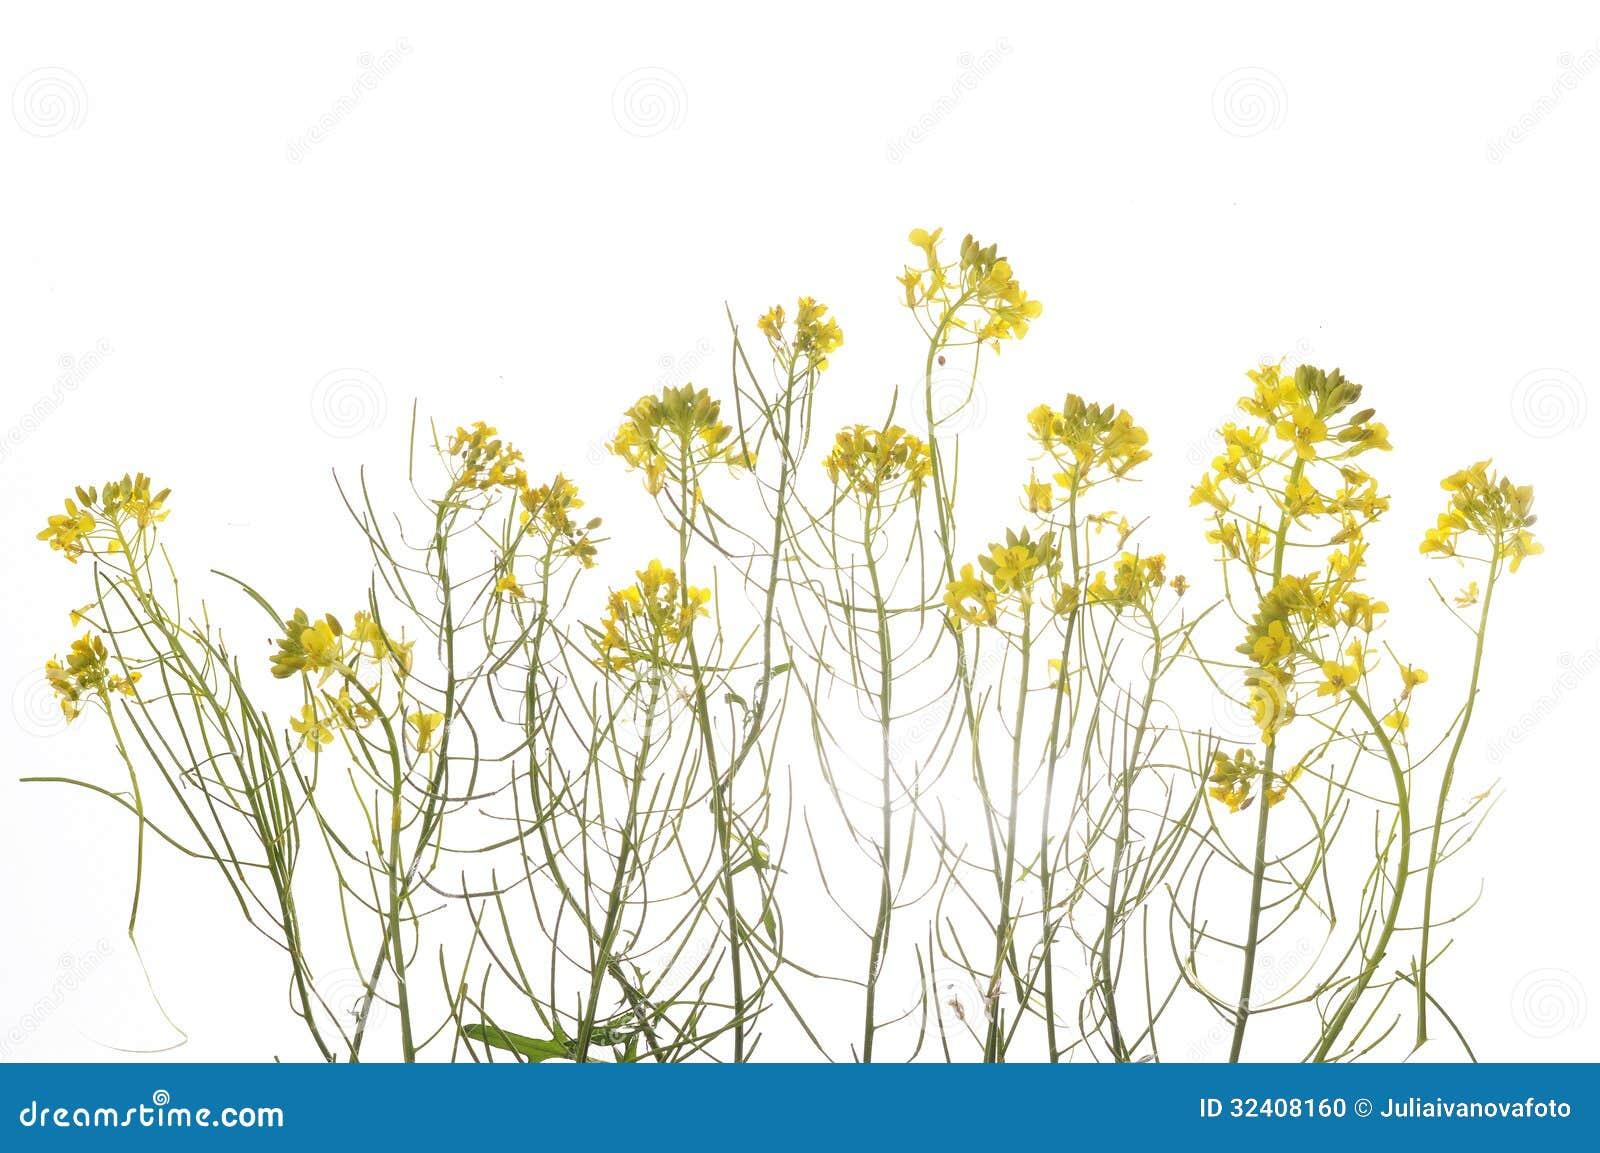 Plante verte avec les fleurs jaunes photo stock image for Plantes vertes